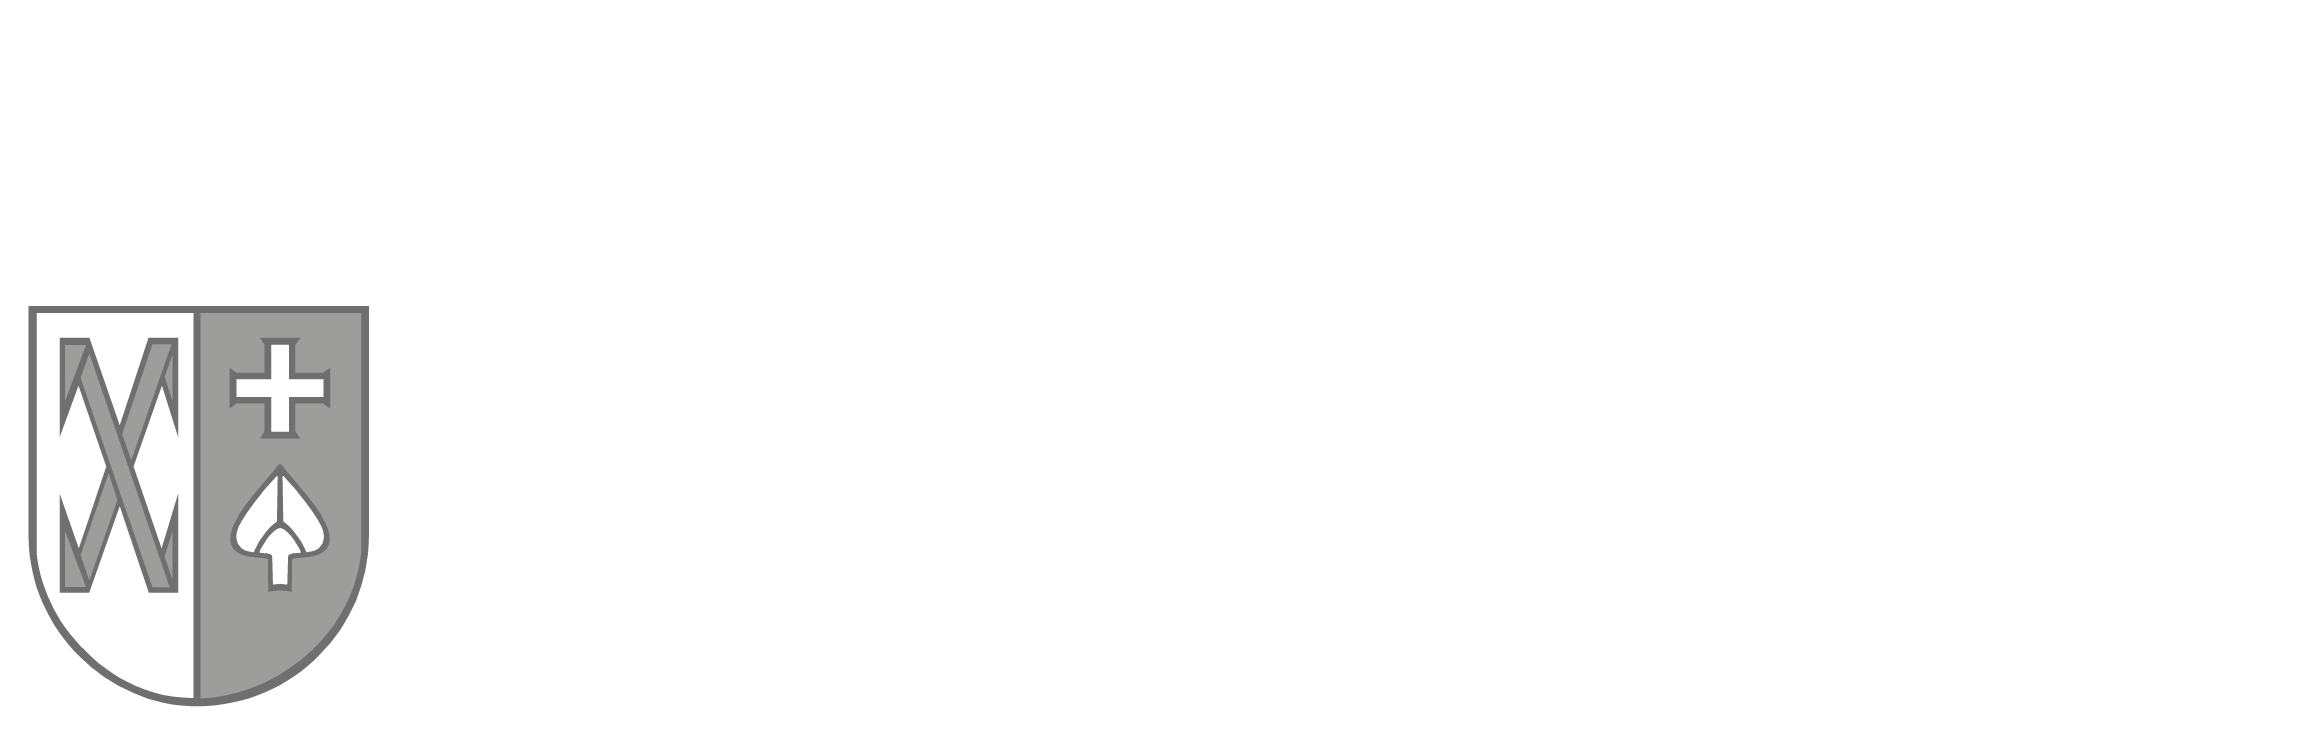 Stadtarchiv Ditzingen